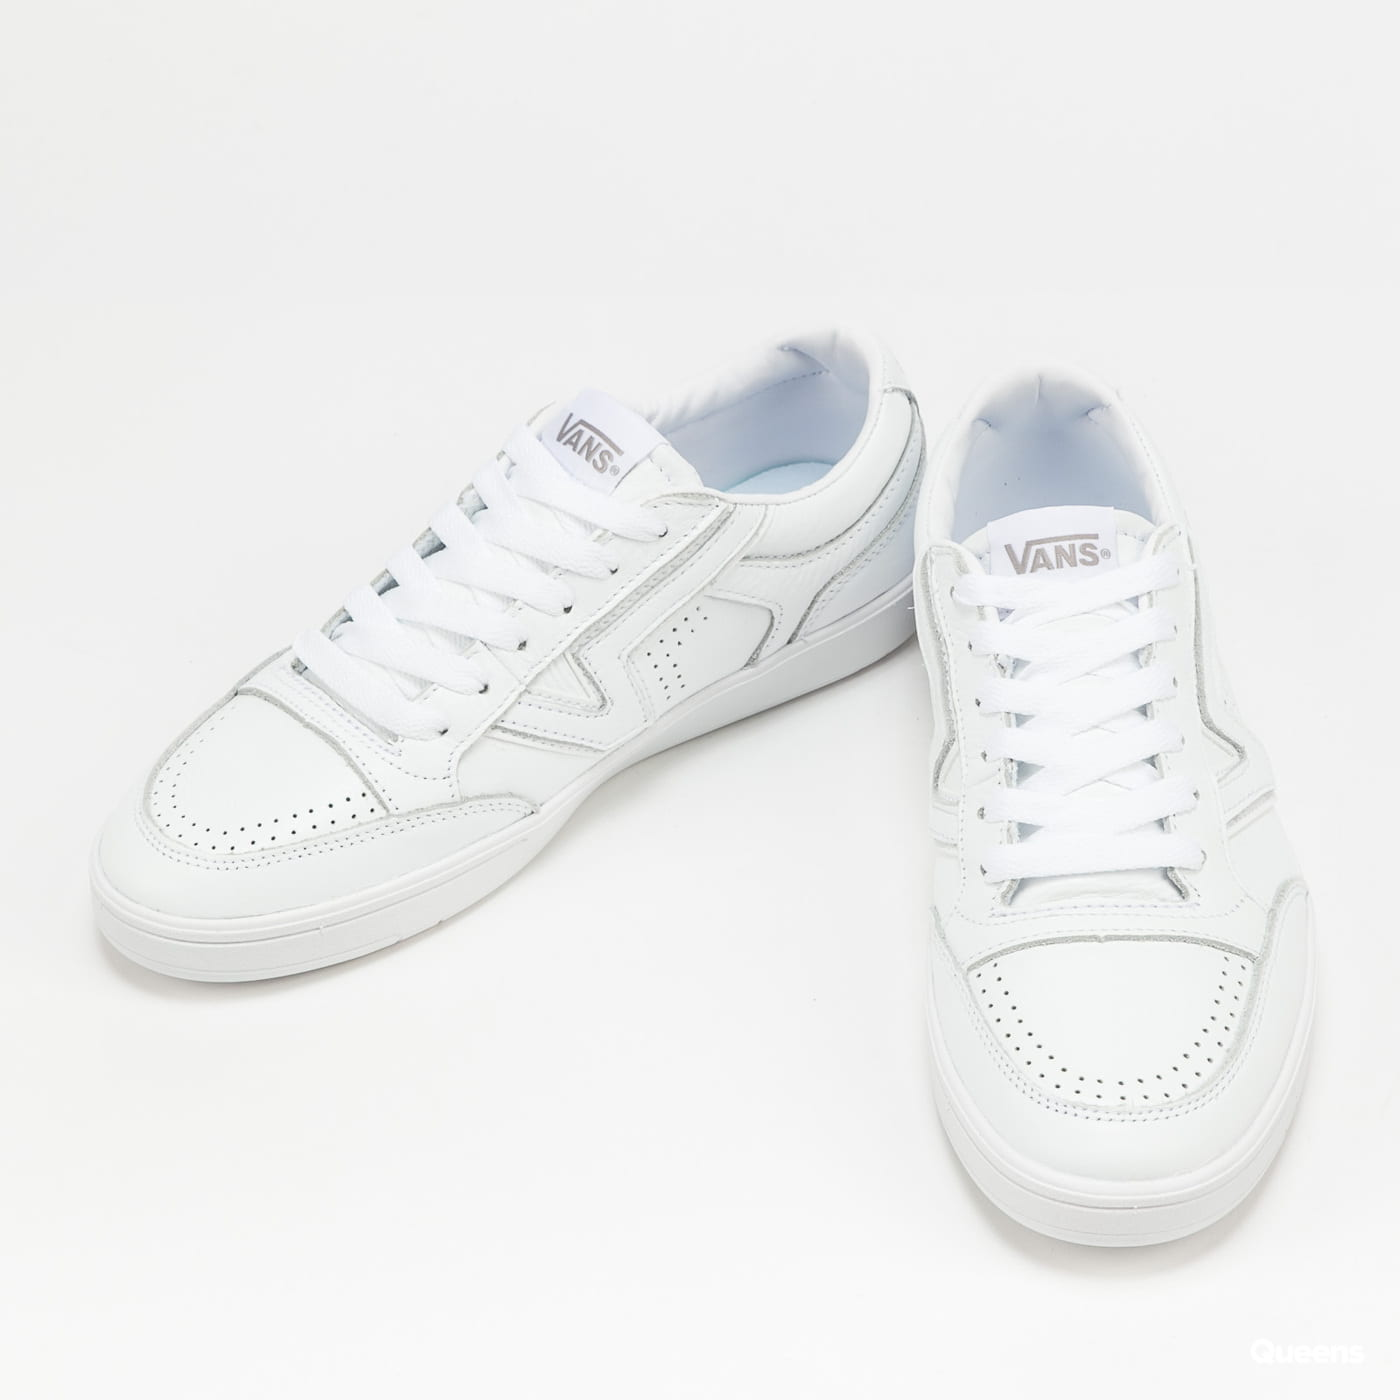 Vans Lowland CC (leather) true white / true white